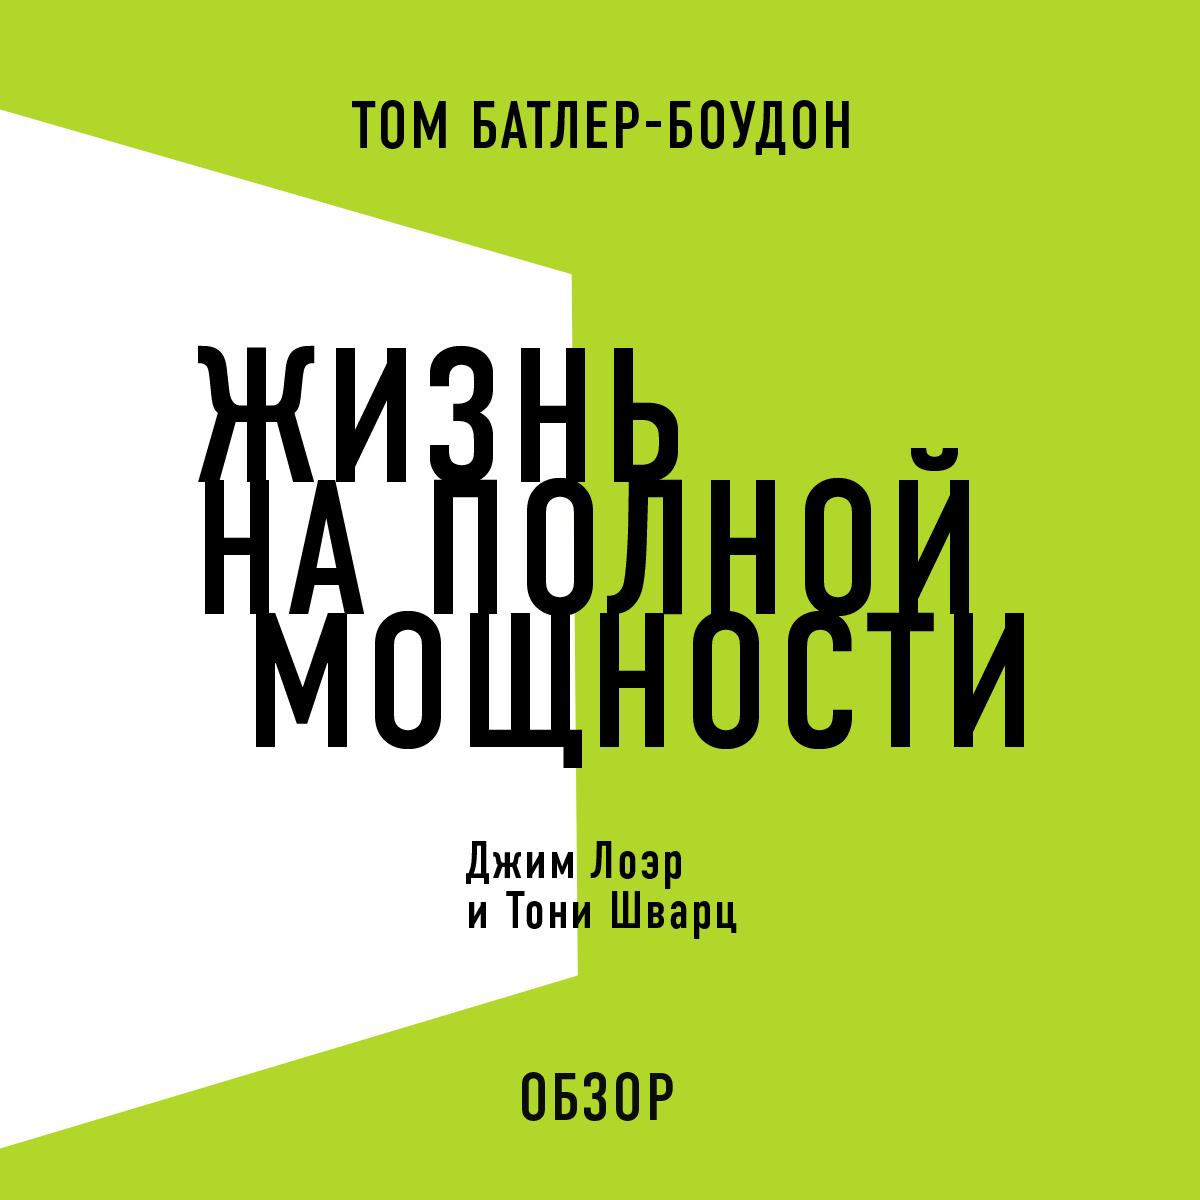 Том Батлер-Боудон Жизнь на полной мощности. Джим Лоэр и Тони Шварц (обзор) том батлер боудон коучинг высокой эффективности джон уитмор обзор